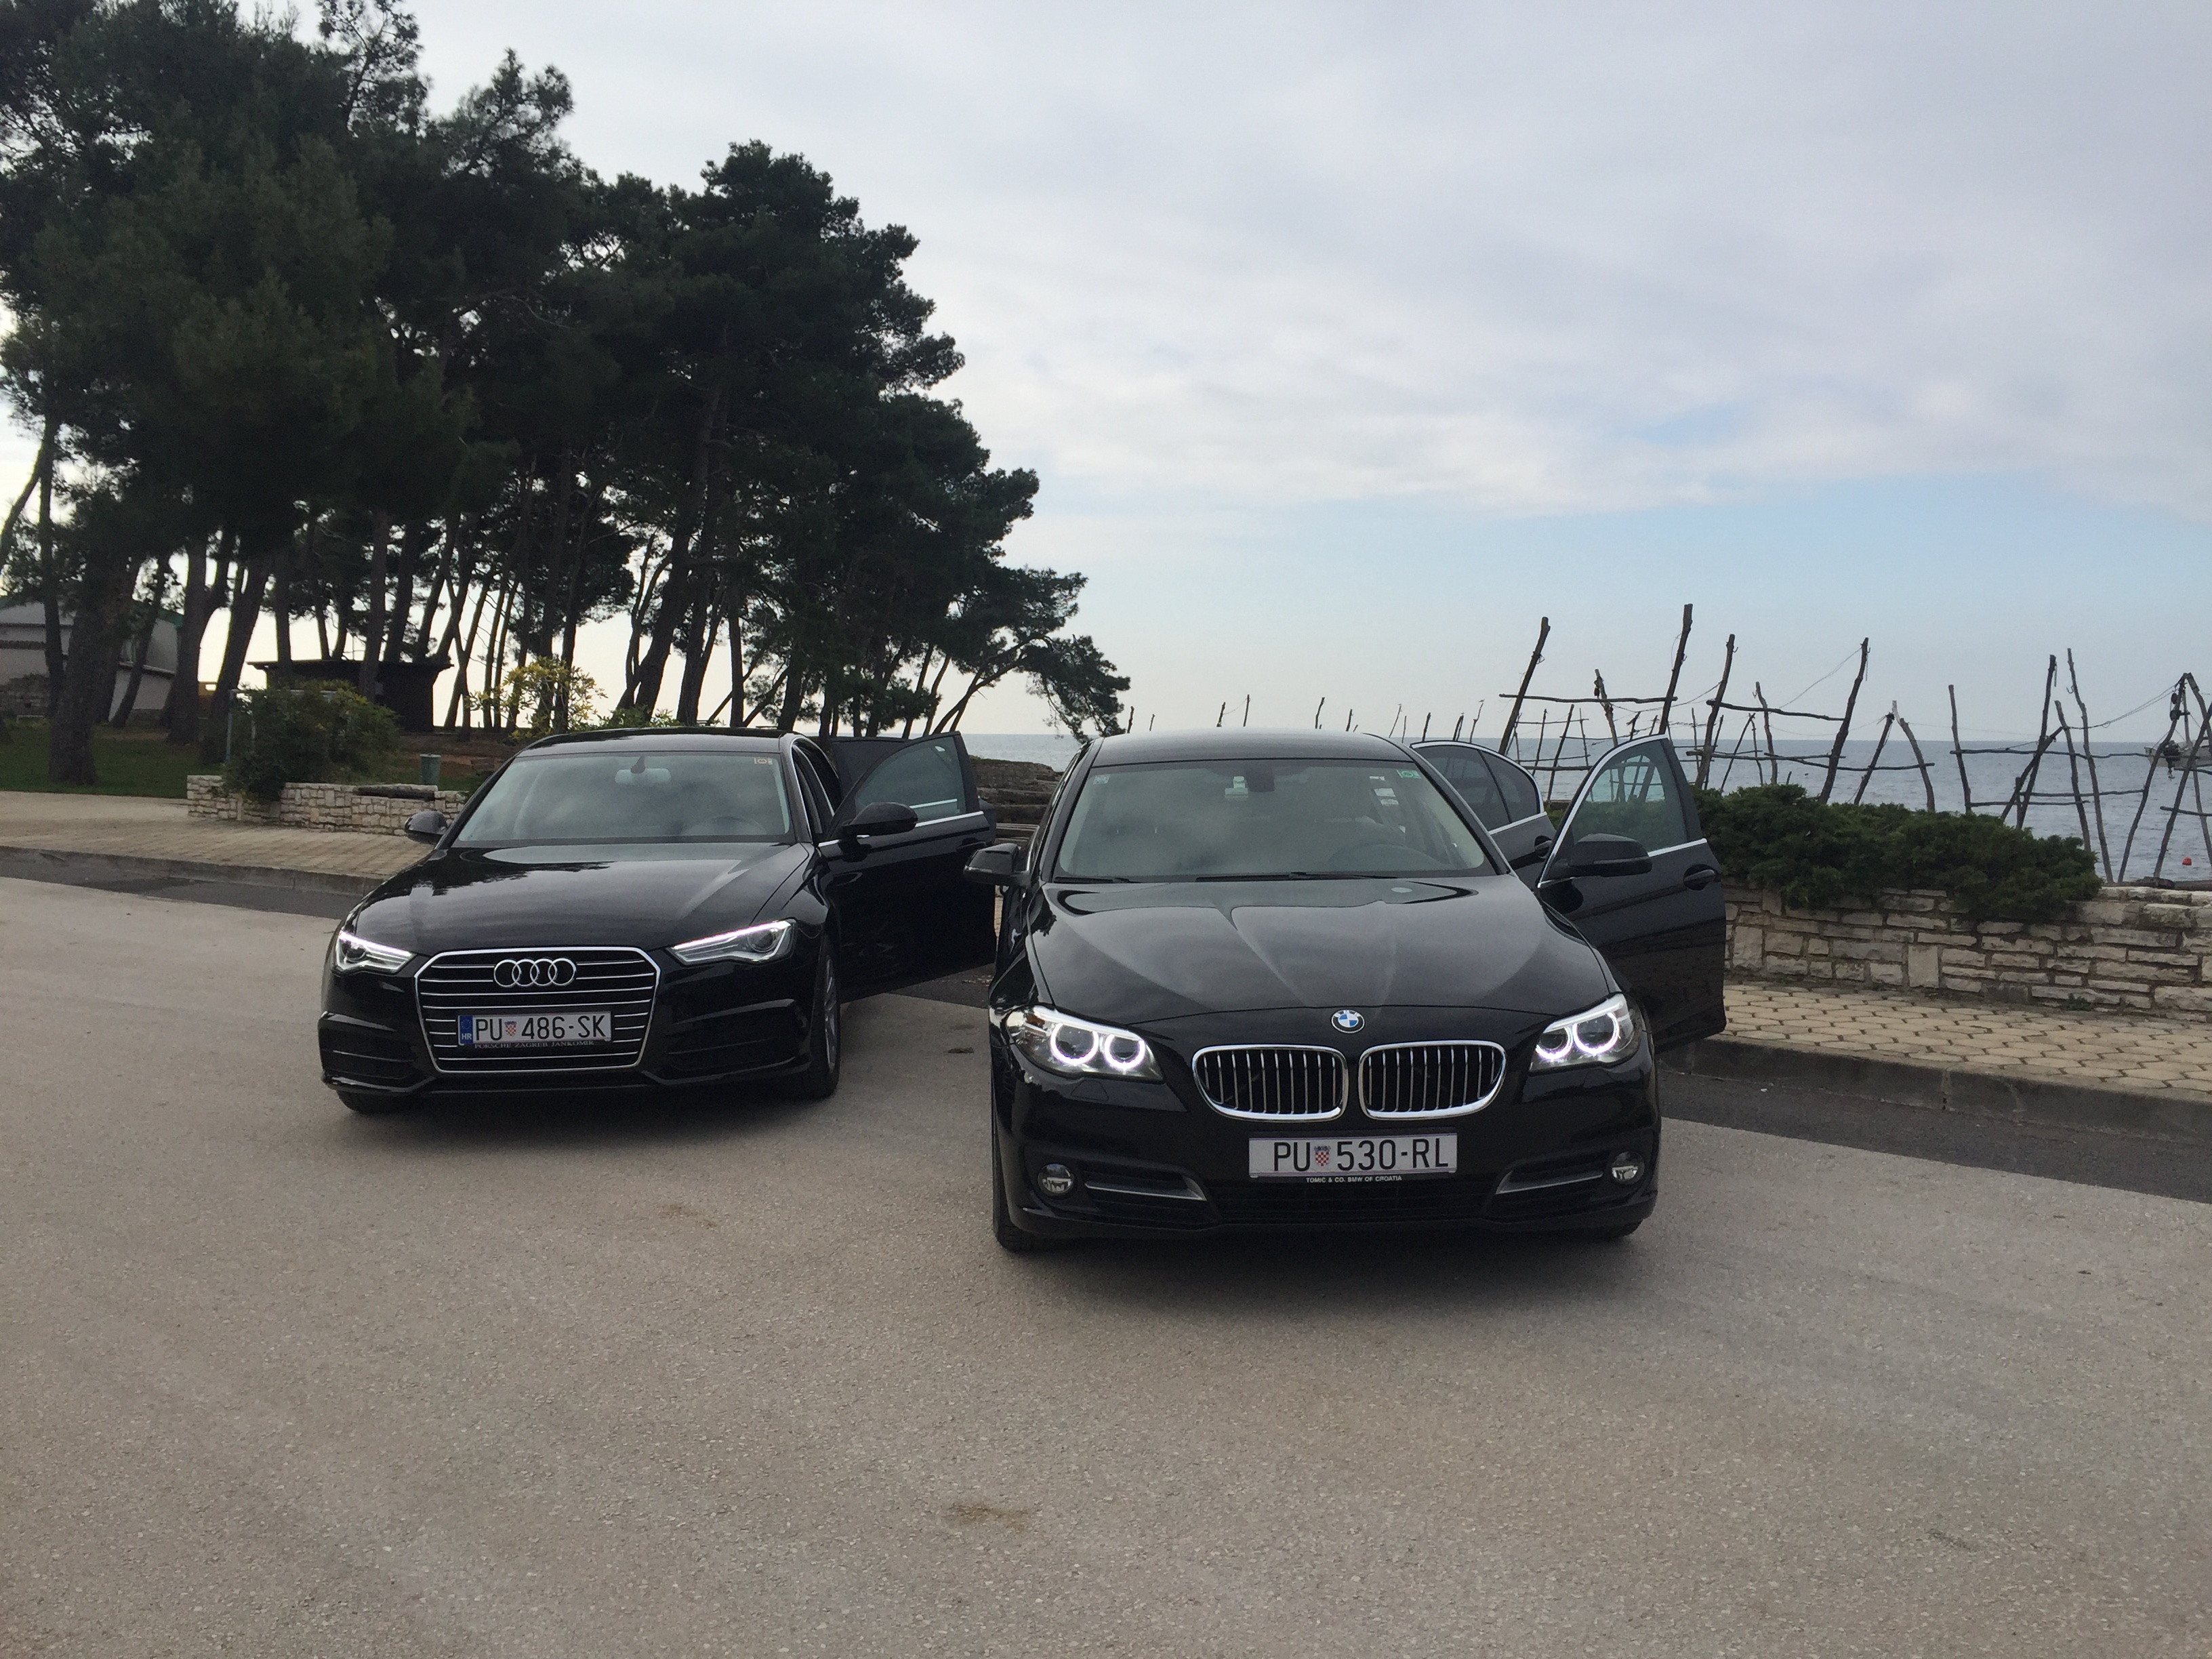 Taxi i prijevoz putnika, Larix, Umag, Istra, Hrvatska